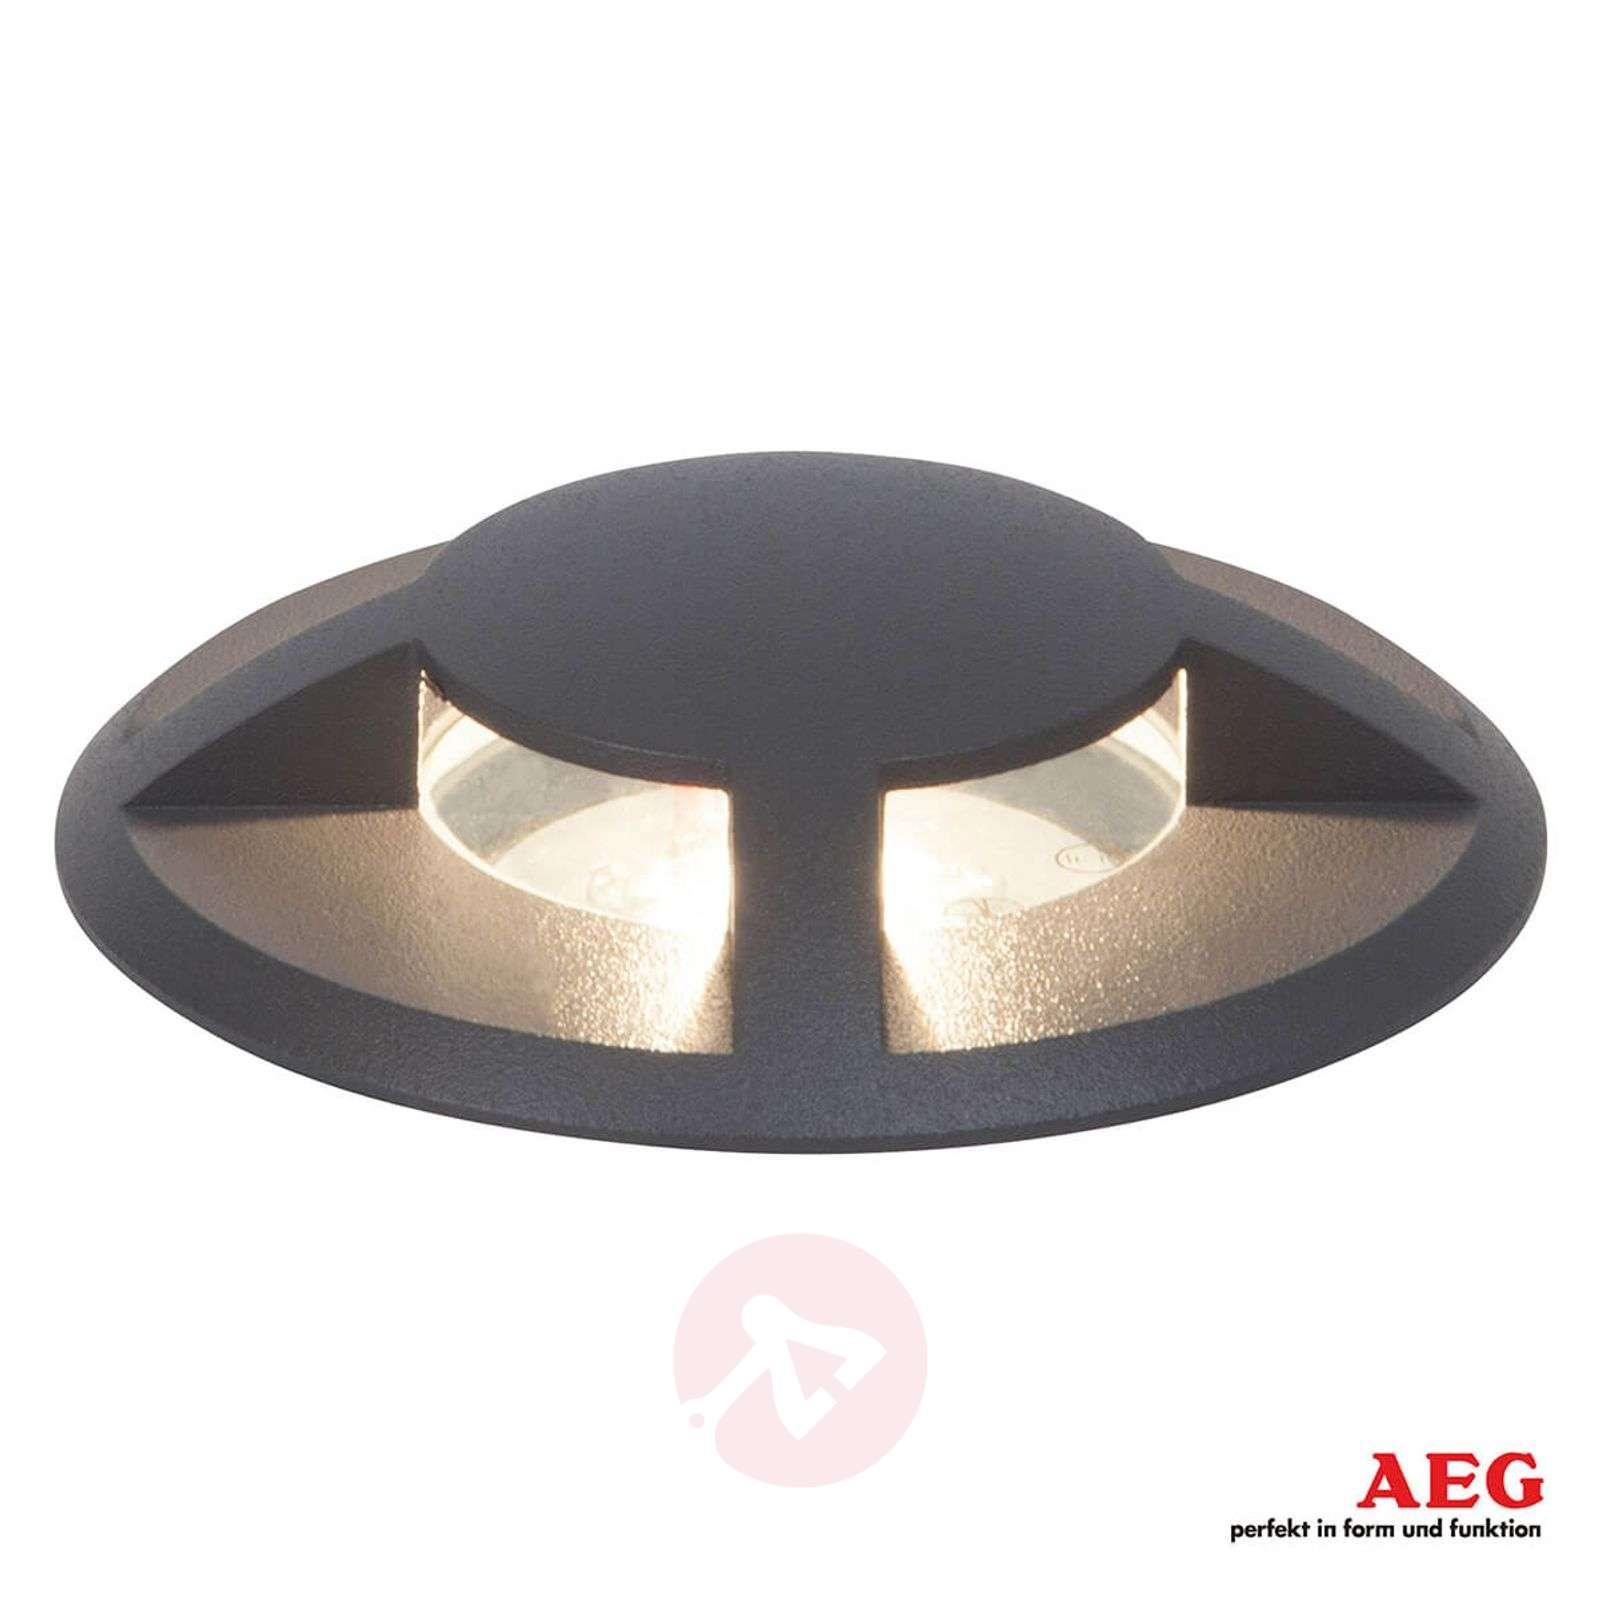 AEG Tritax LED-maaspotti, neljälle sivulle-3057110-01